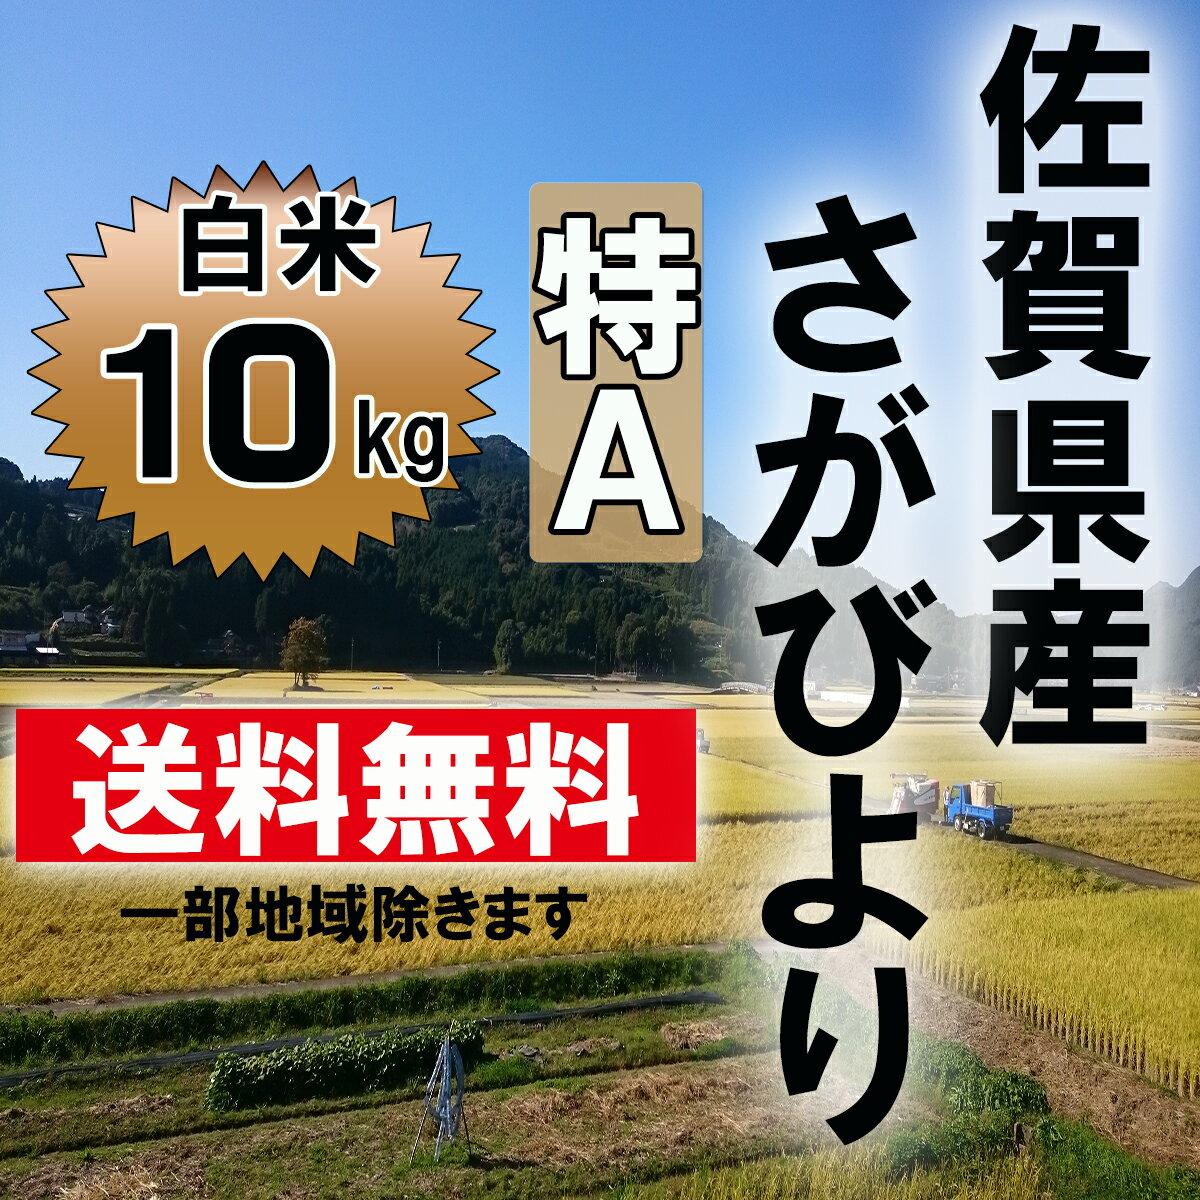 【送料無料】【29年産 新米】7年連続特A 佐賀県産さがびより 白米10kg(【九州産】【米】【お米】